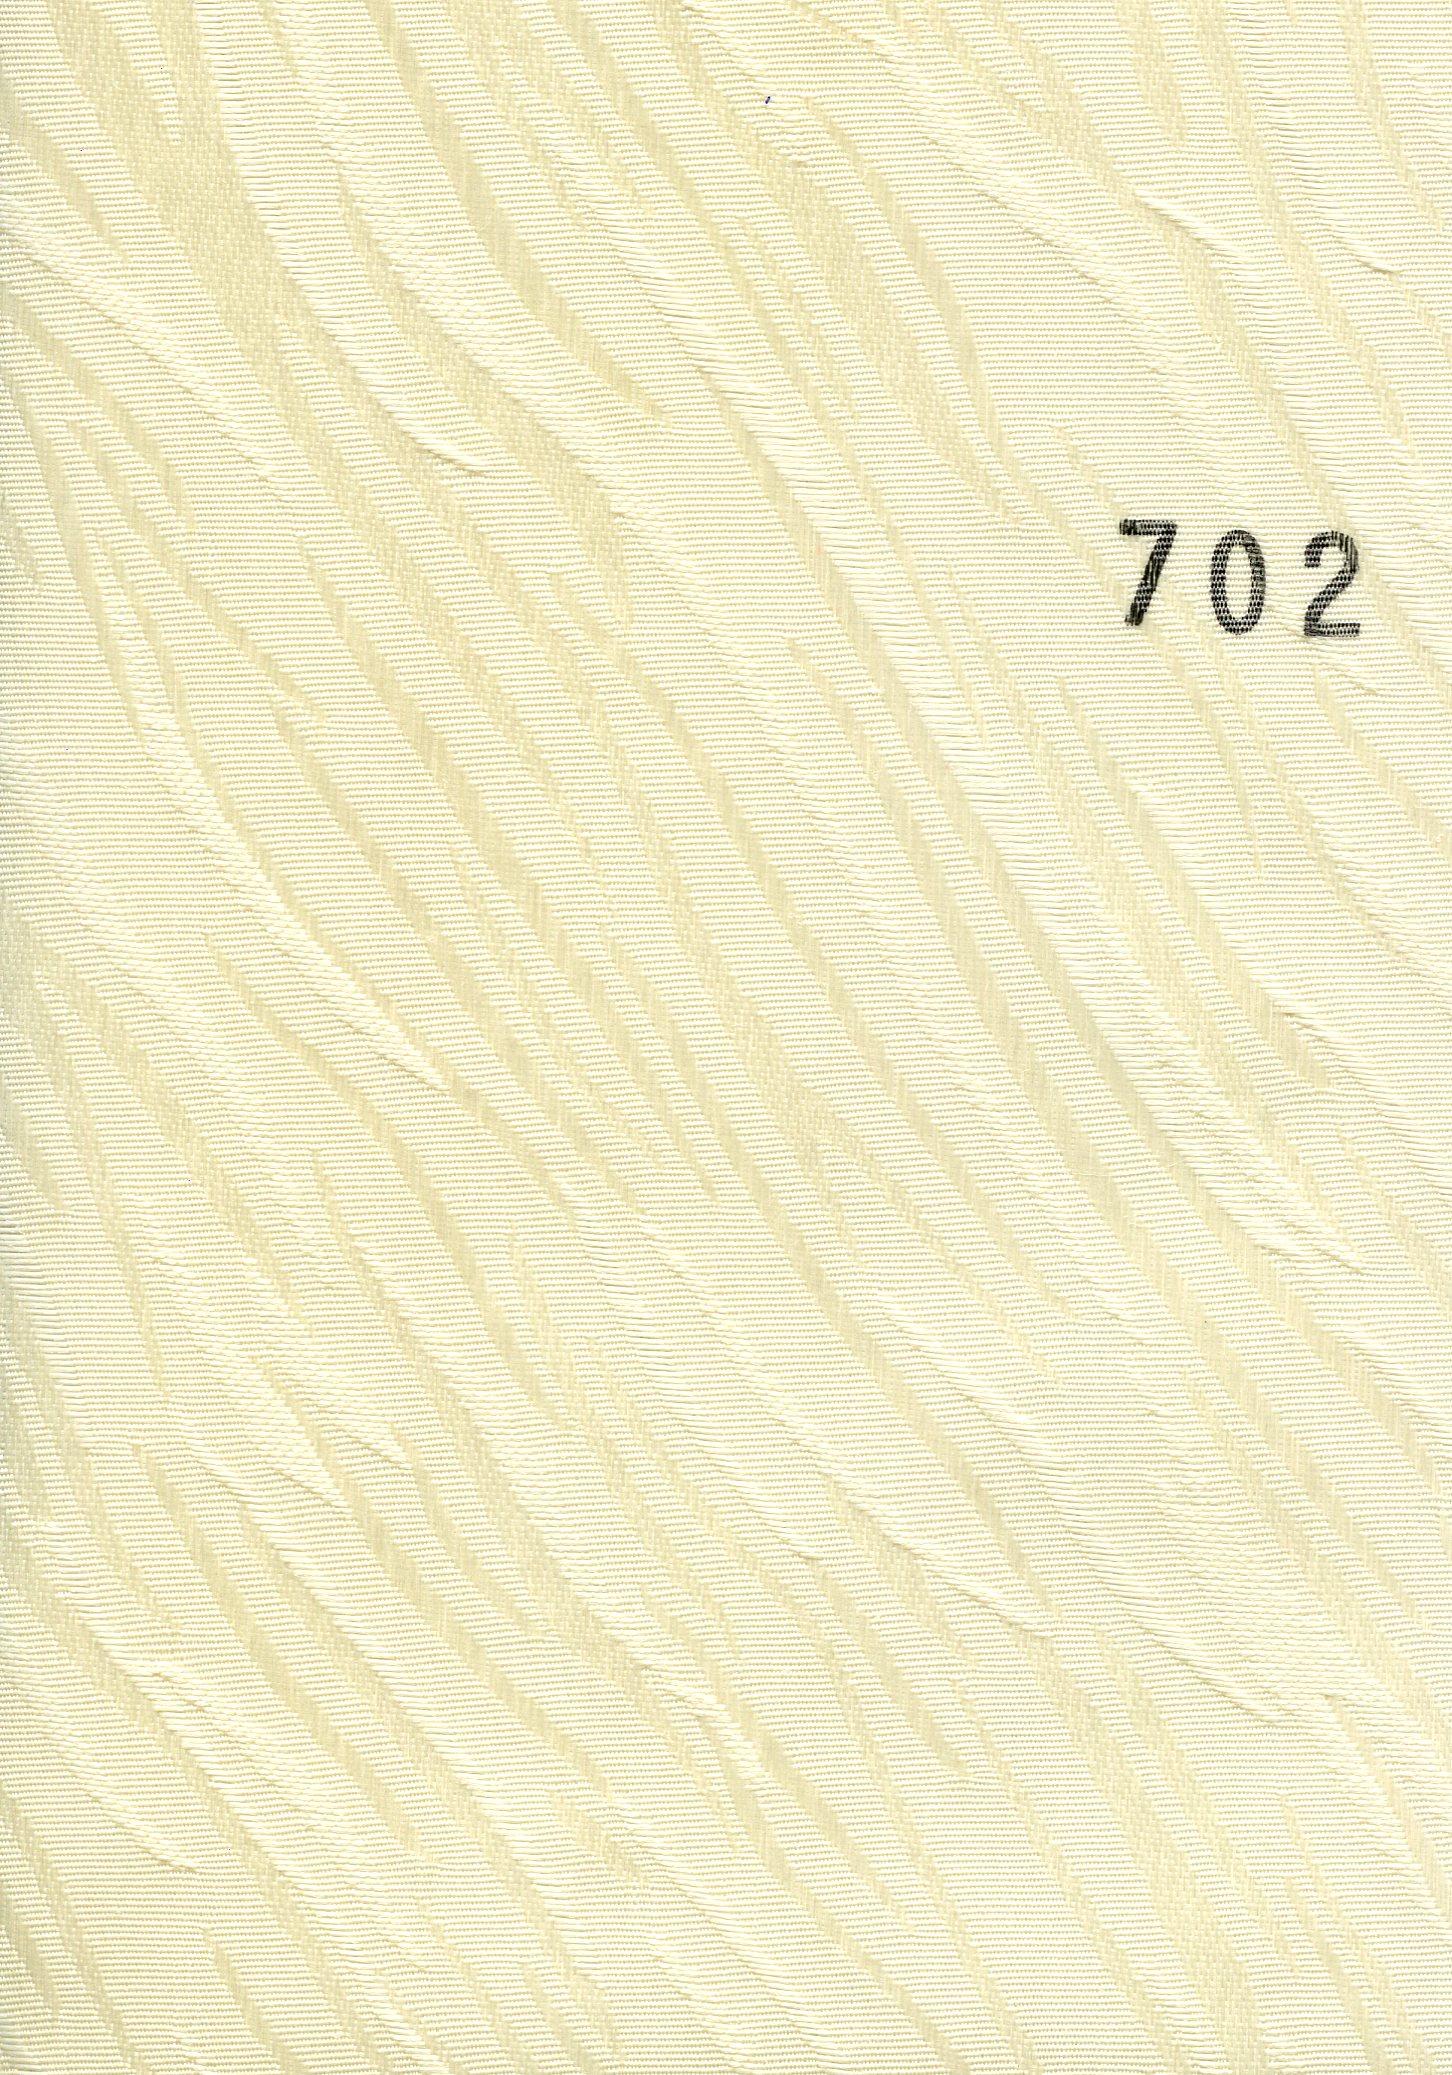 Tiffany 702